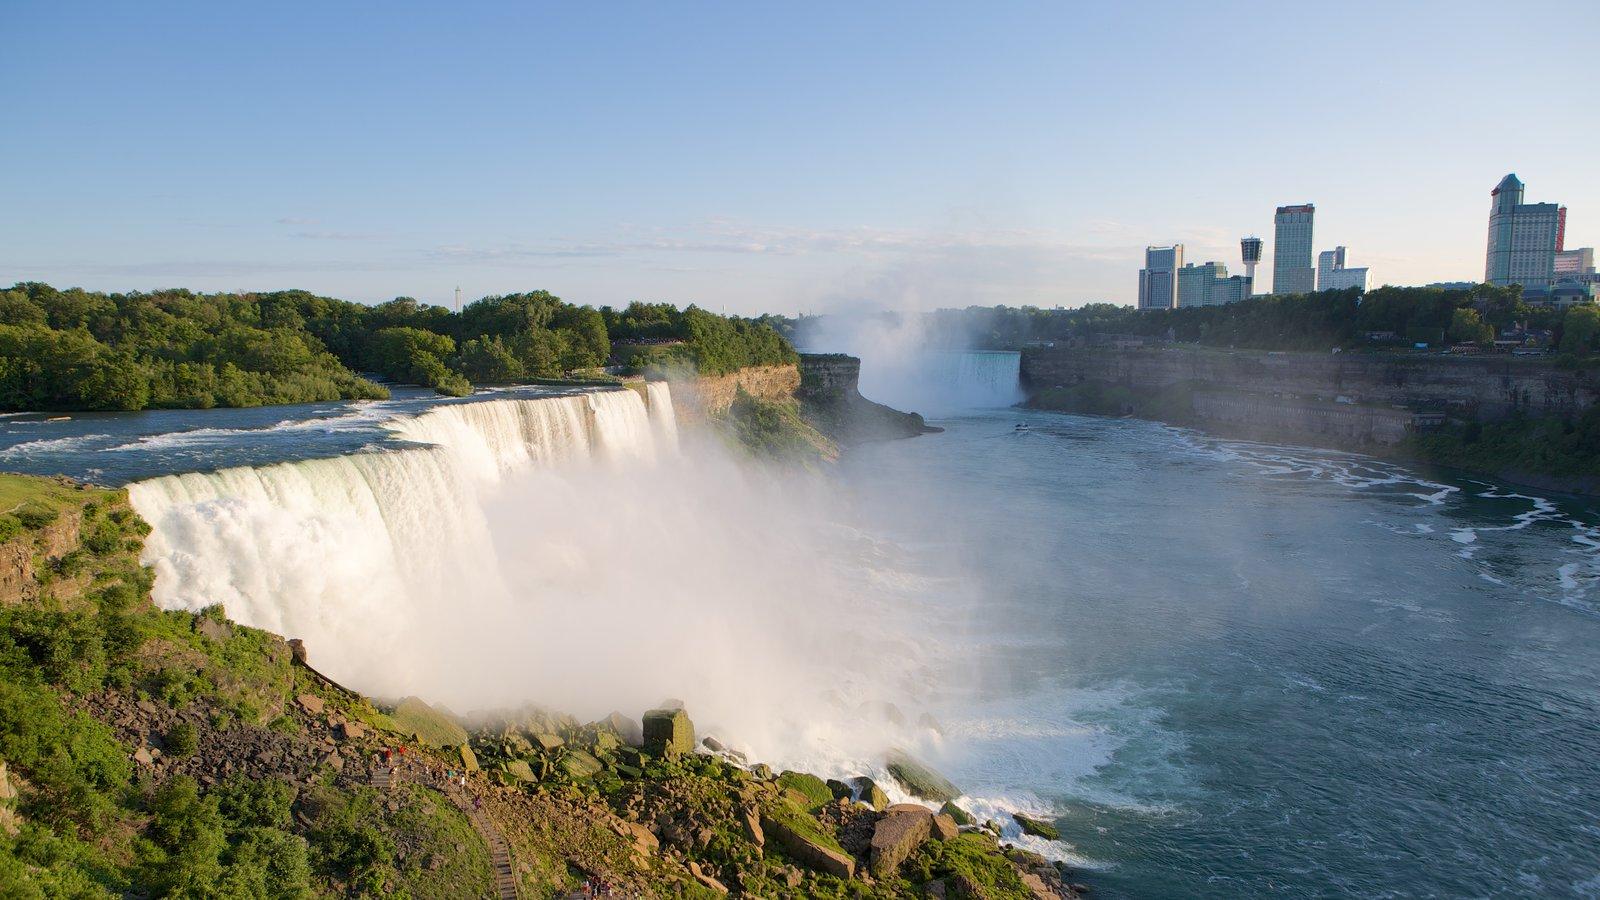 Buffalo caracterizando uma cachoeira, um rio ou córrego e uma cidade